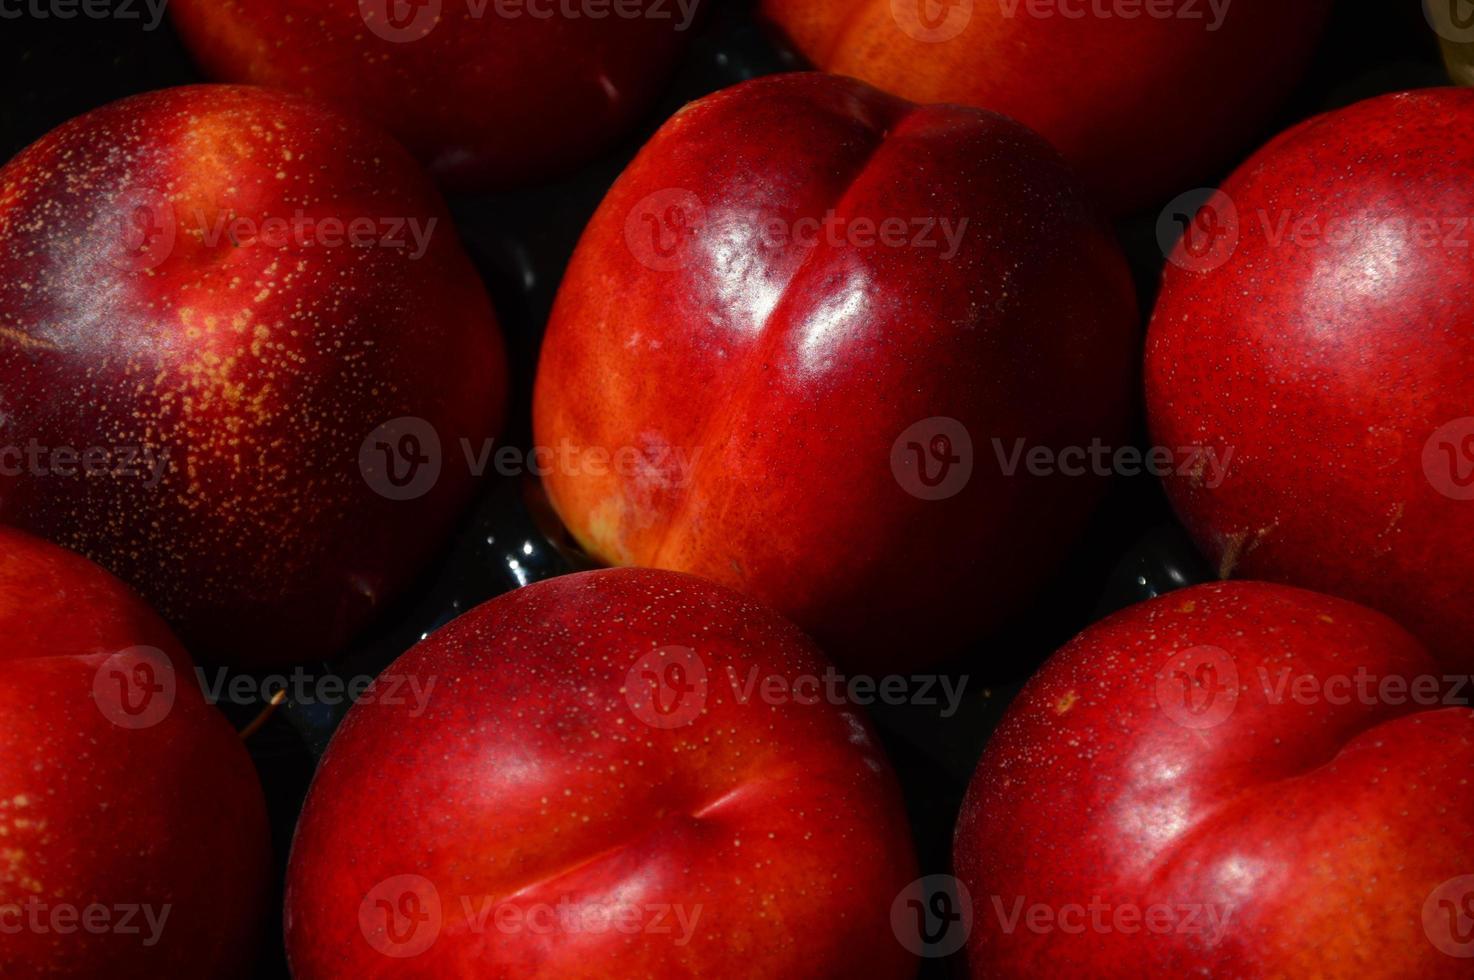 Nectarine,Nectarines photo